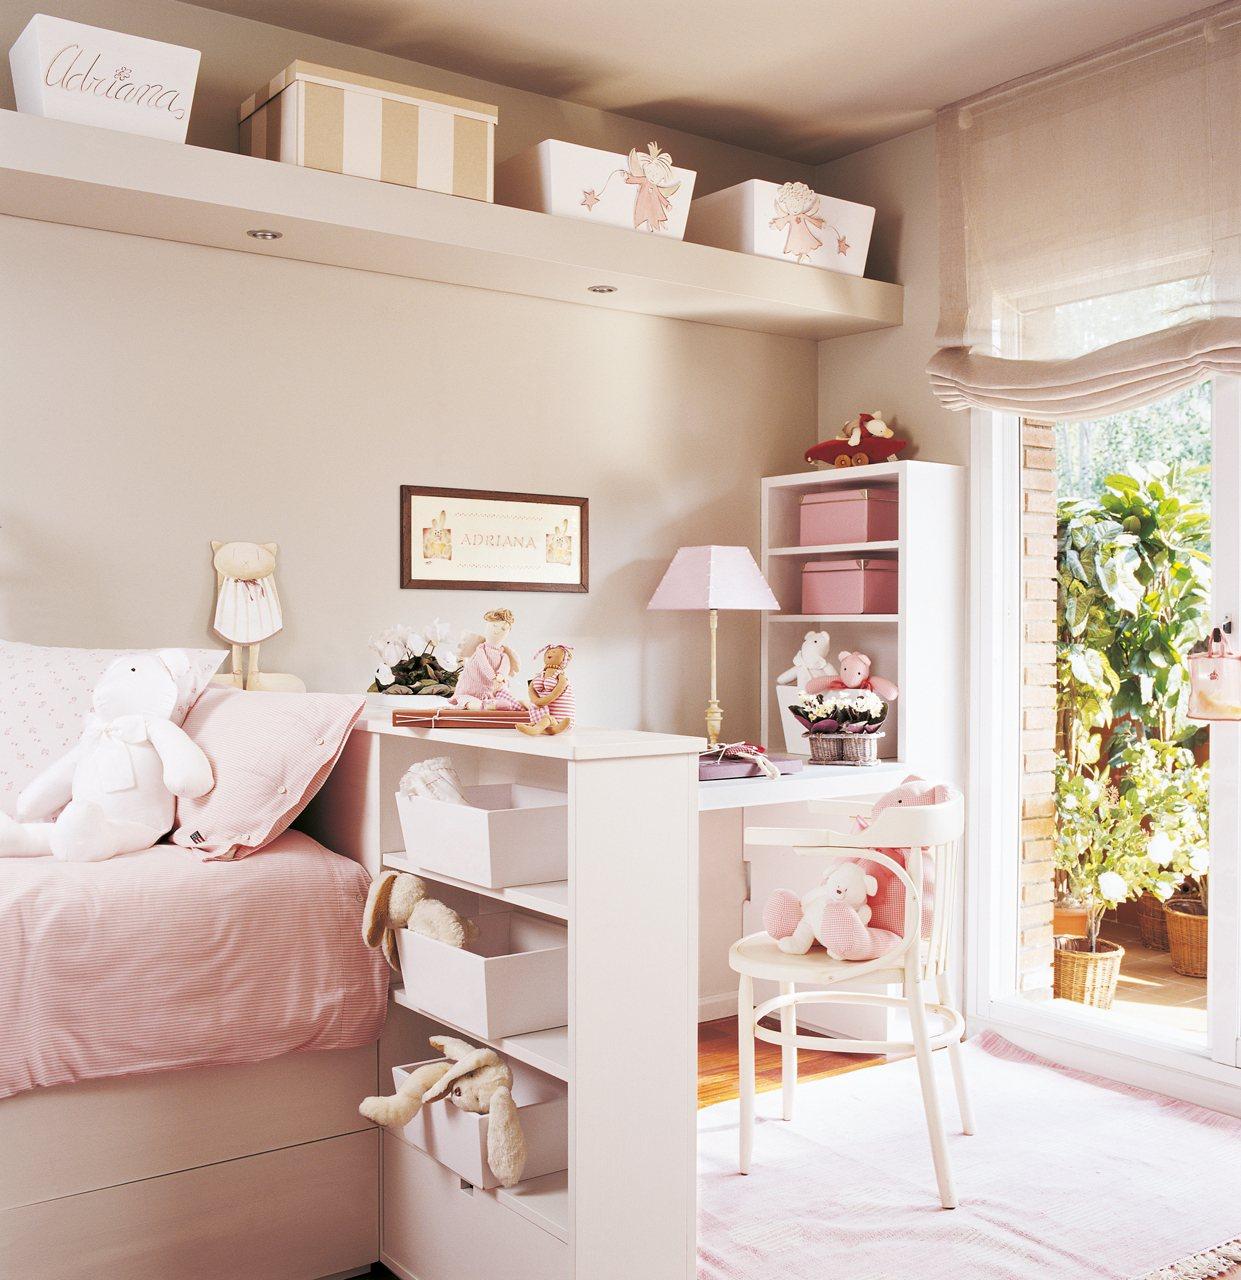 Dormitorios infantiles peque os s cales partido - Ideas dormitorios infantiles ...